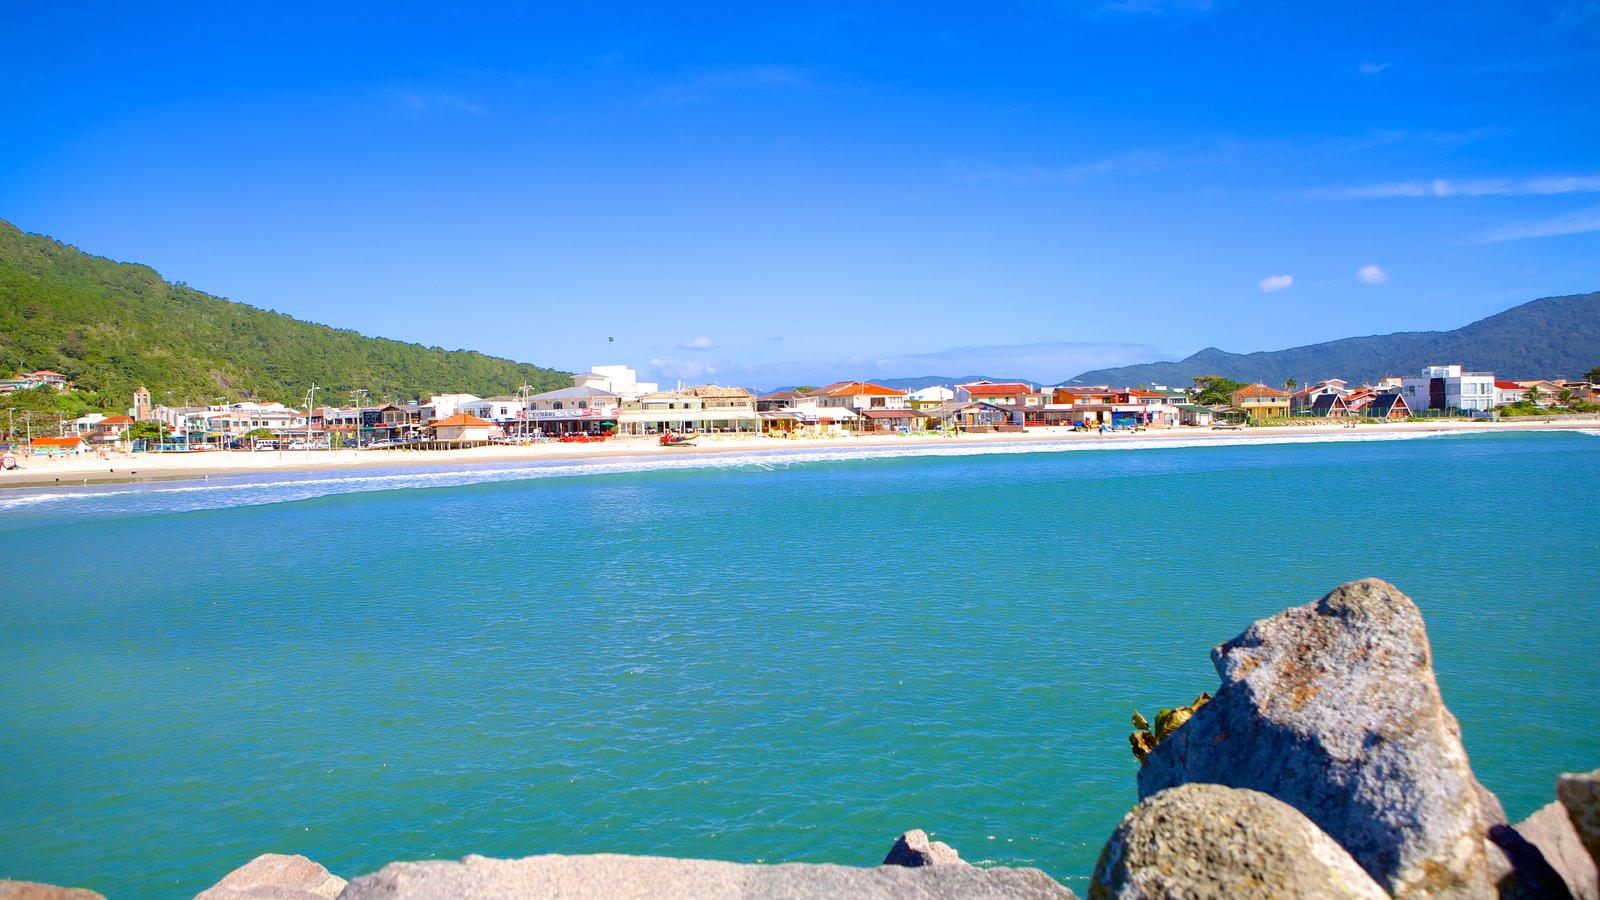 Praia da Barra da Lagoa mostrando paisagens litorâneas e uma cidade litorânea